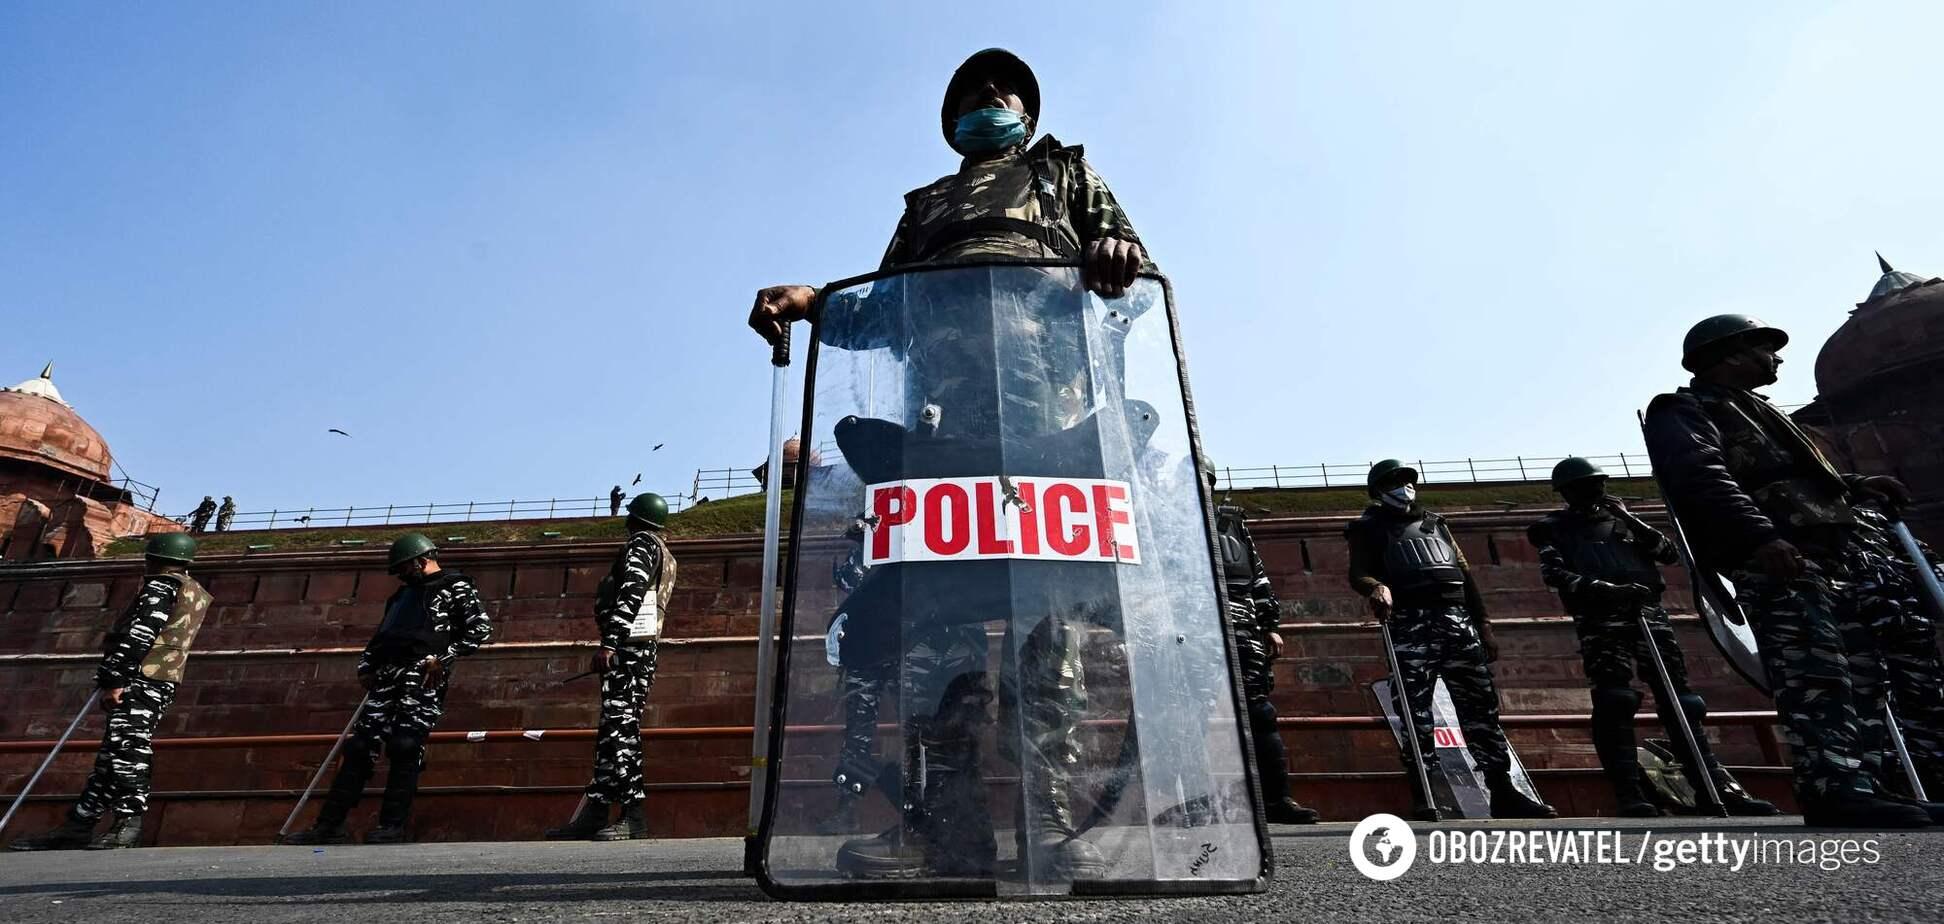 В Индии произошел теракт: погибли полицейские. Видео 18+